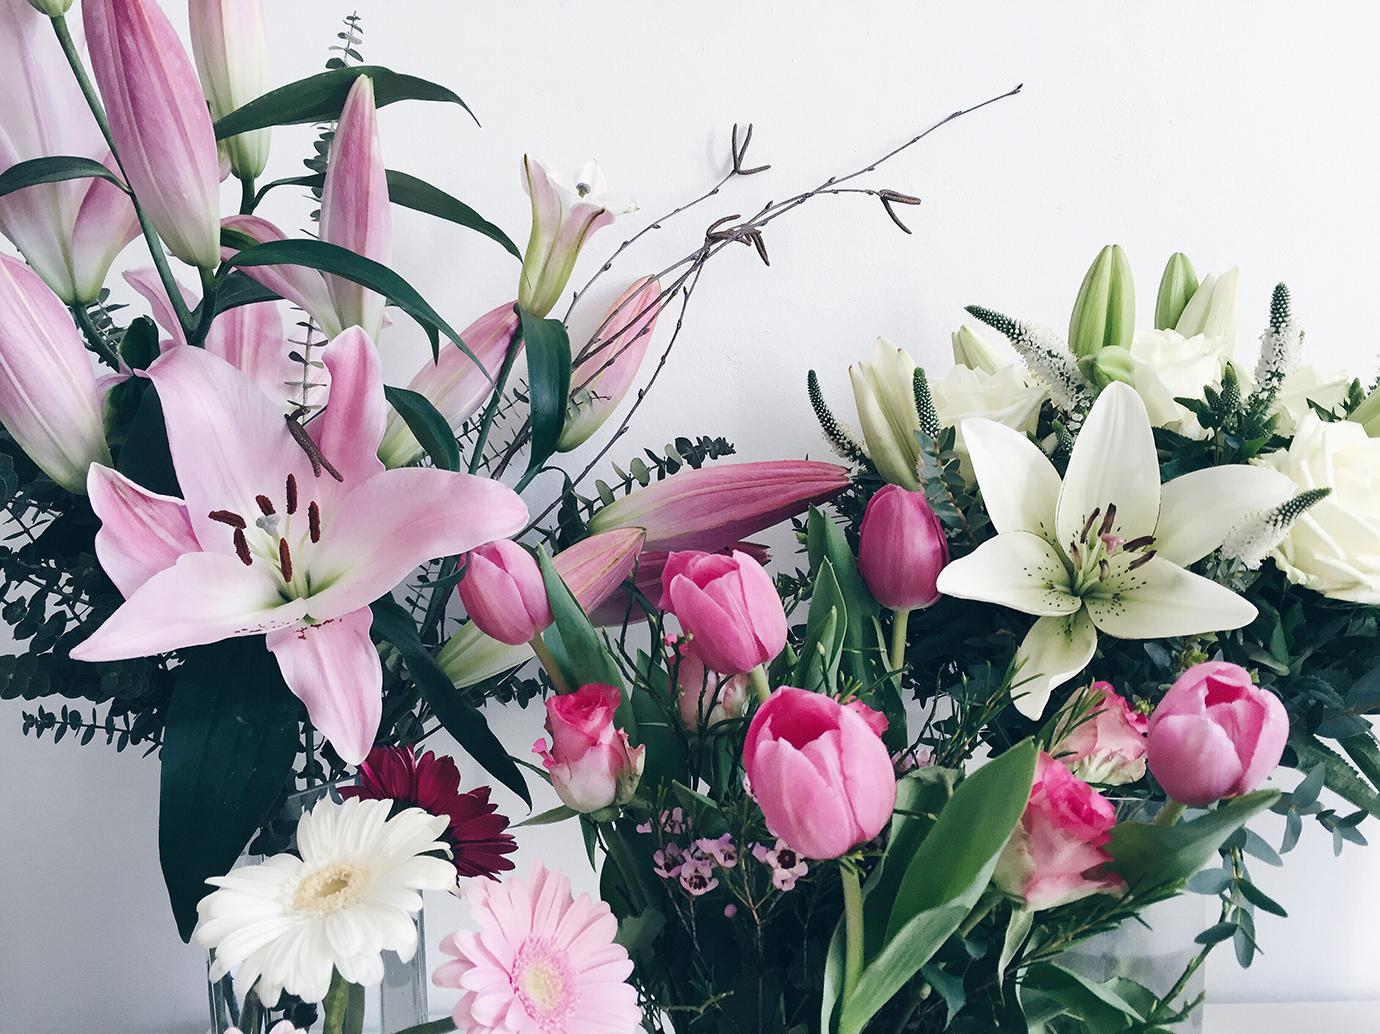 7things_14_flowers